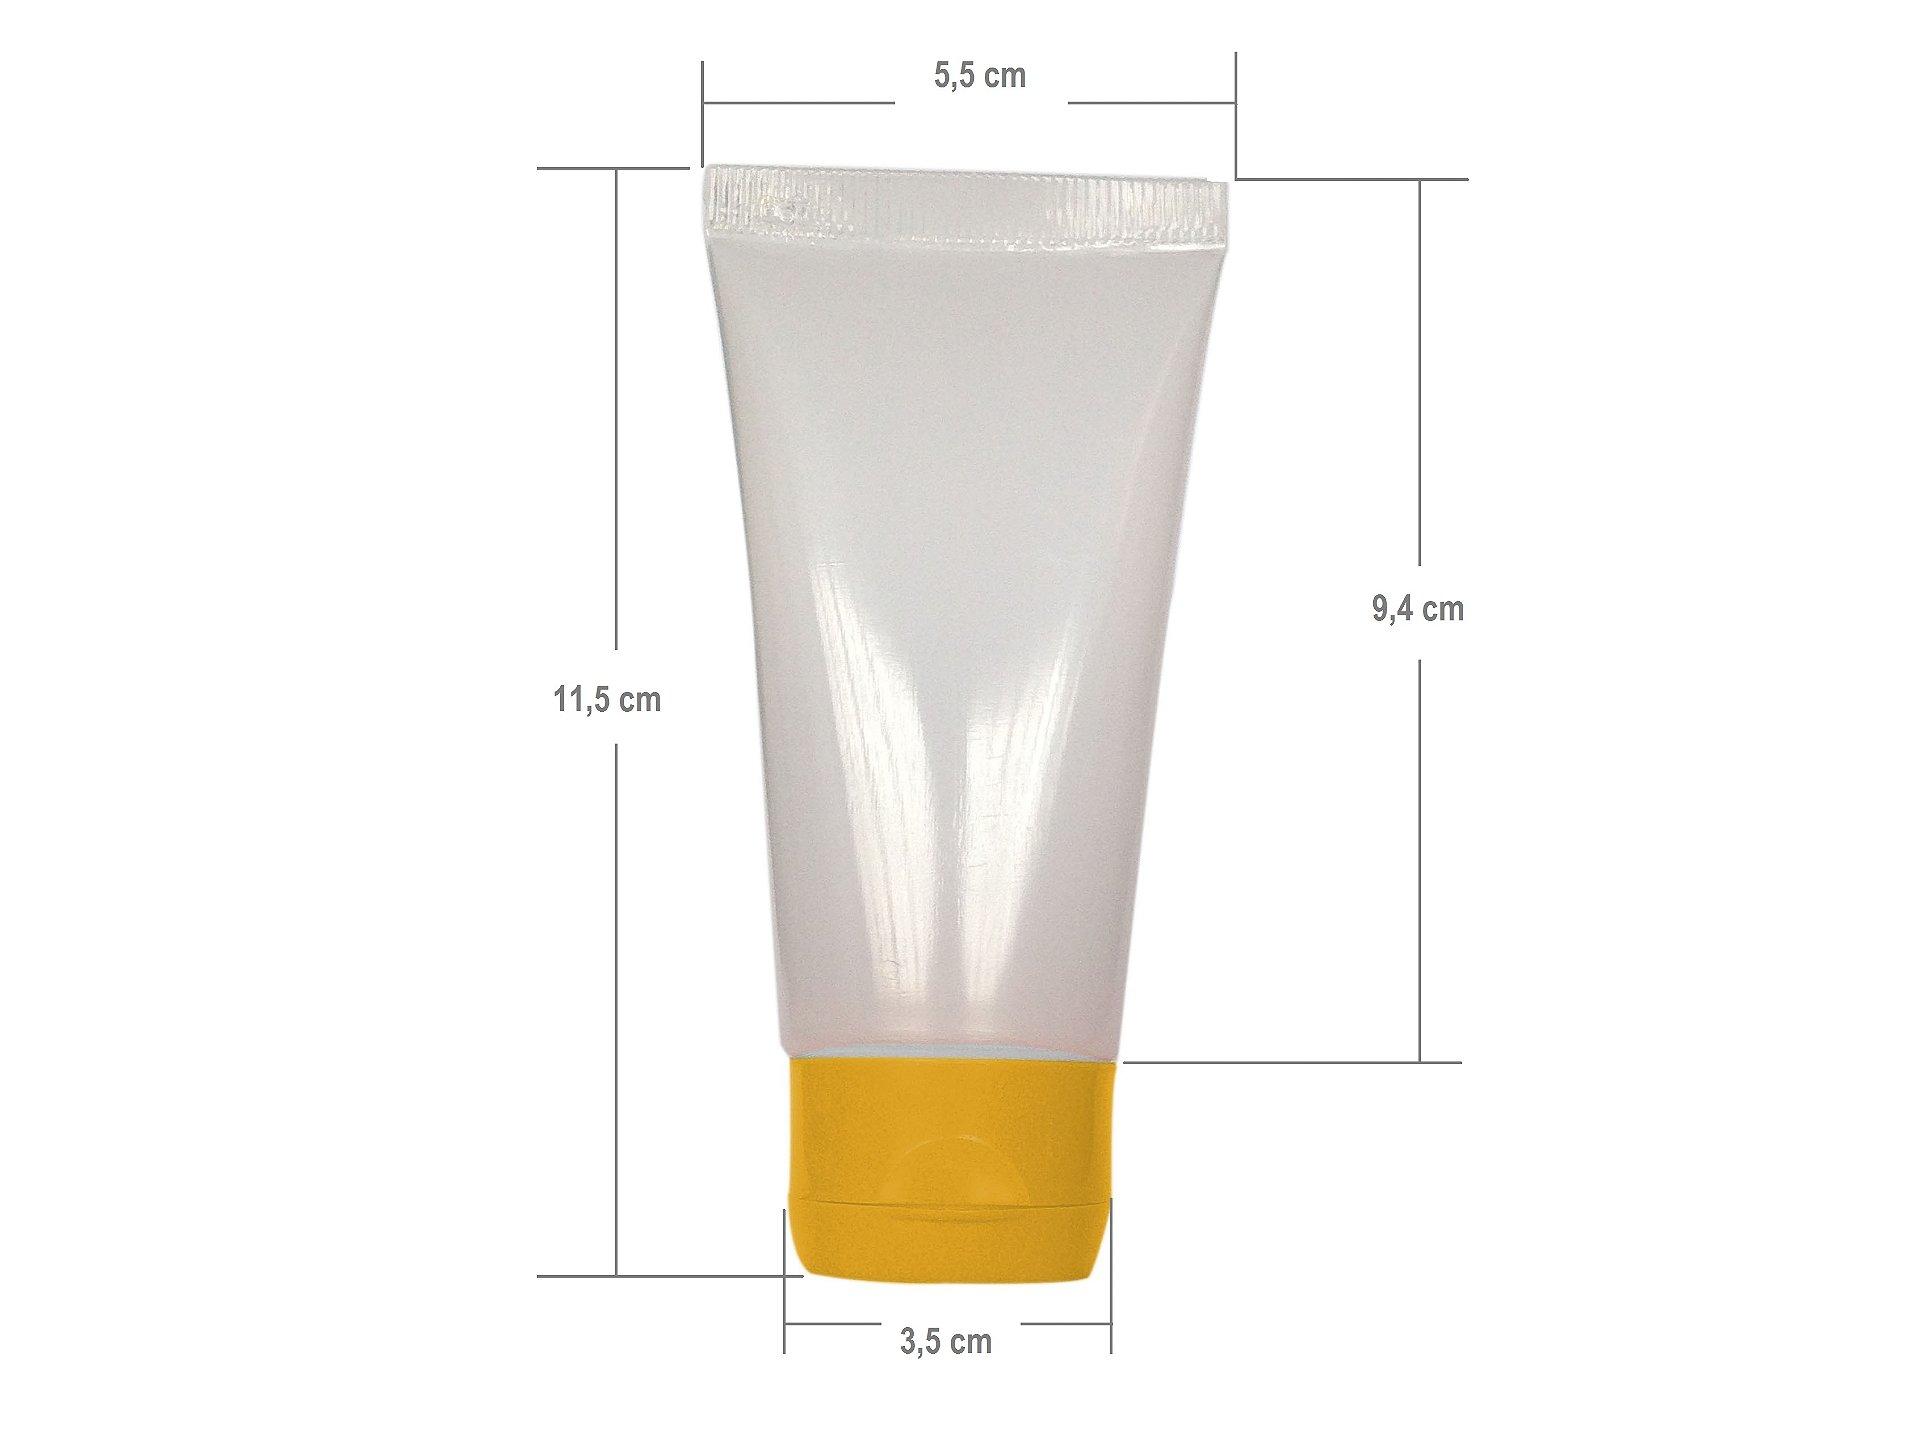 bisnagas-plasticas-para-lembrancinha-60-ml-100-unid